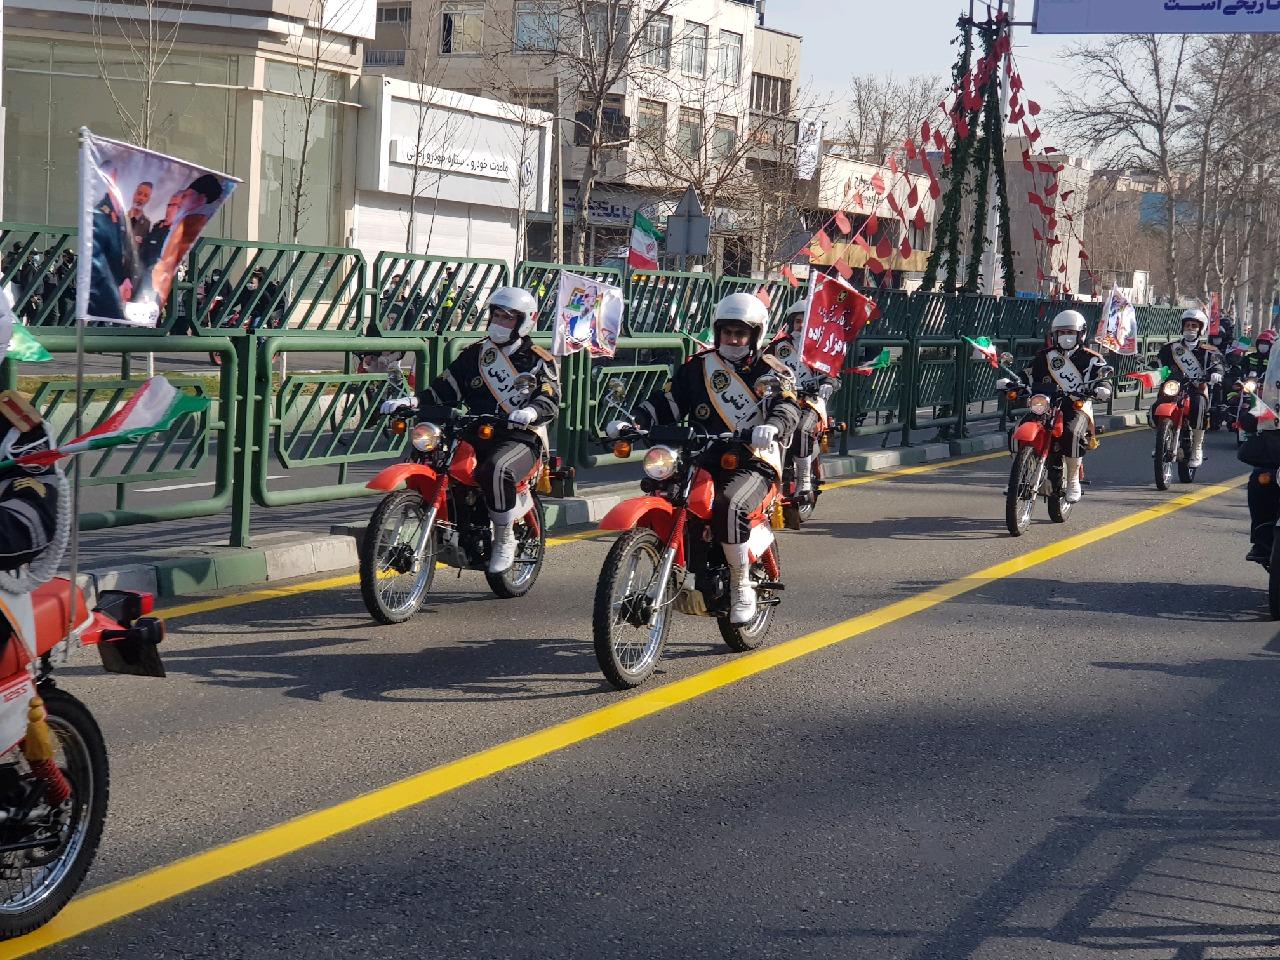 مراسم راهپیمایی ۲۲ بهمن آغاز شد/ نمایش موشکهای بالستیک سپاه در مسیر راهپیمایی